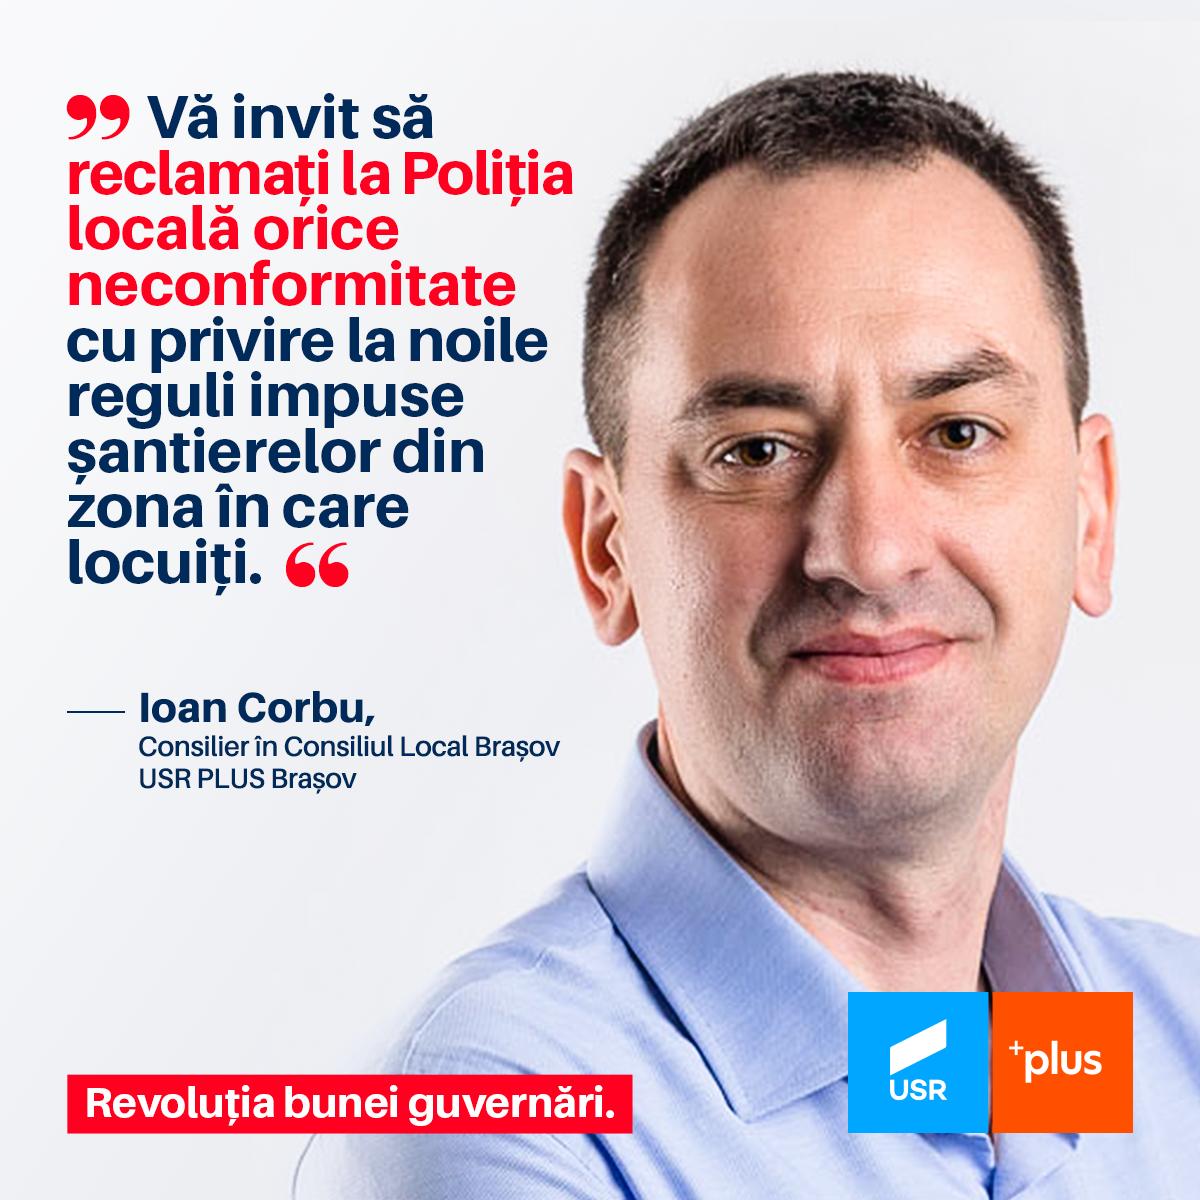 citat Ioan Corbu